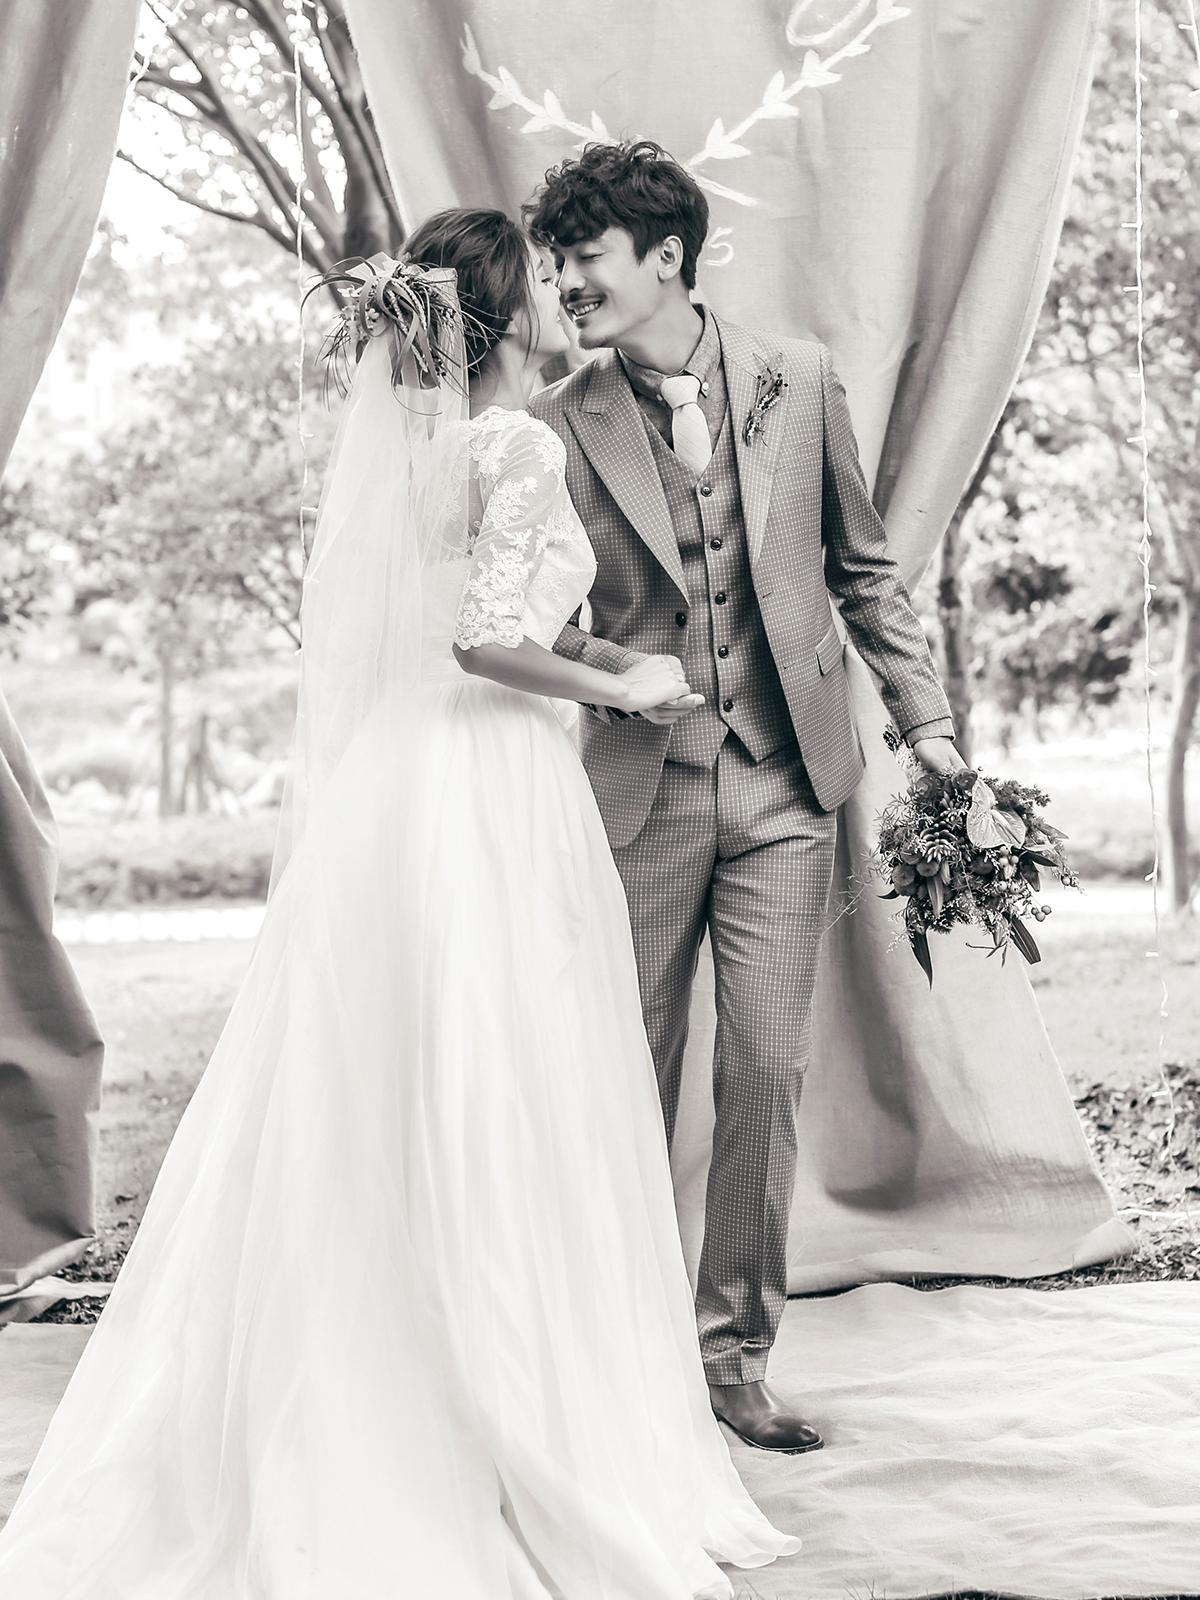 小清新婚纱照